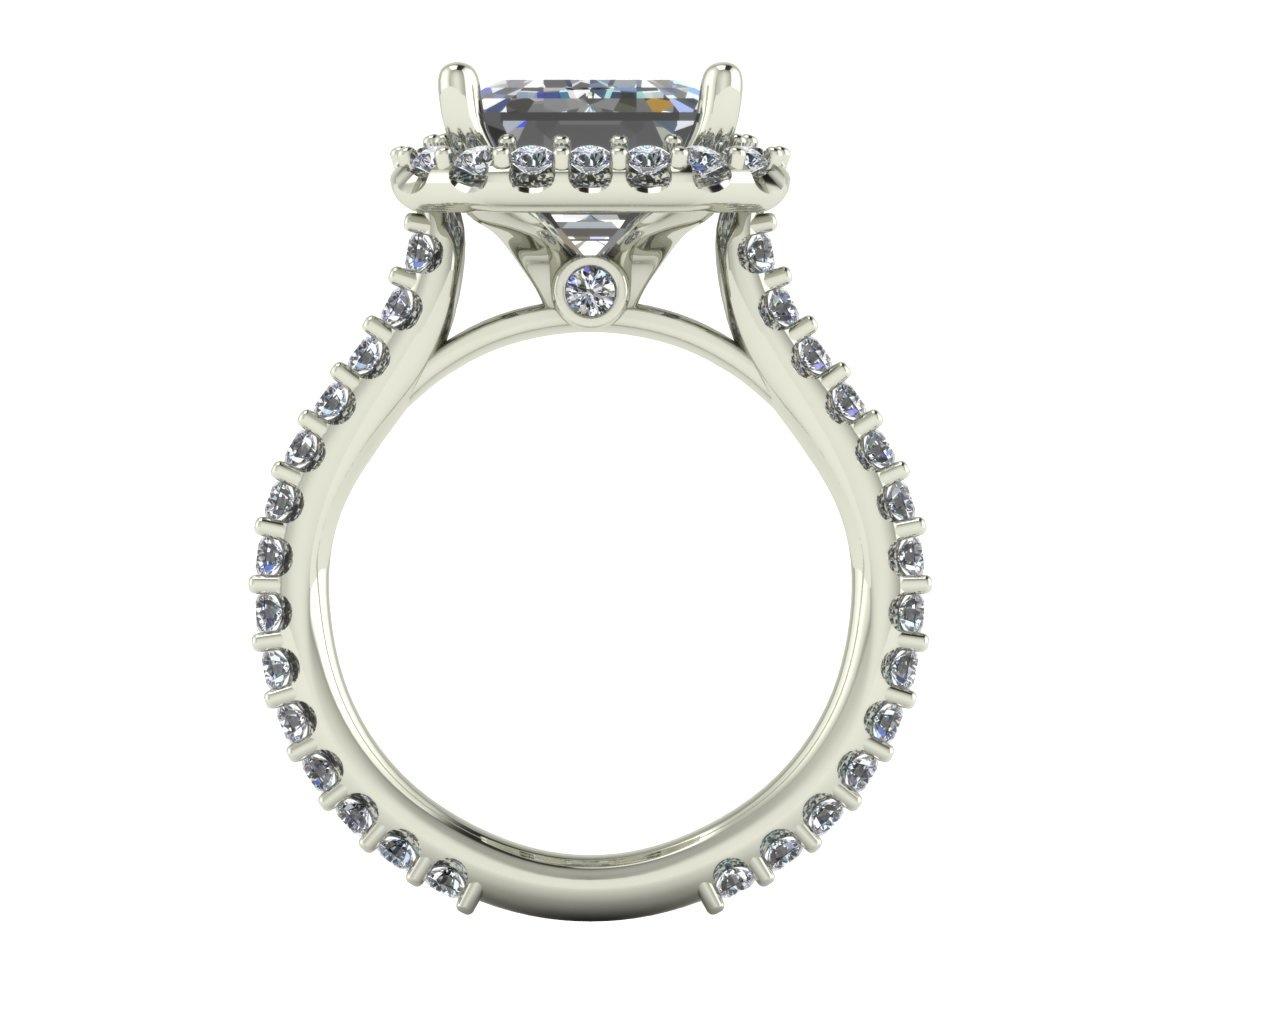 ring finger studio - custom engagement rings & wedding bands -